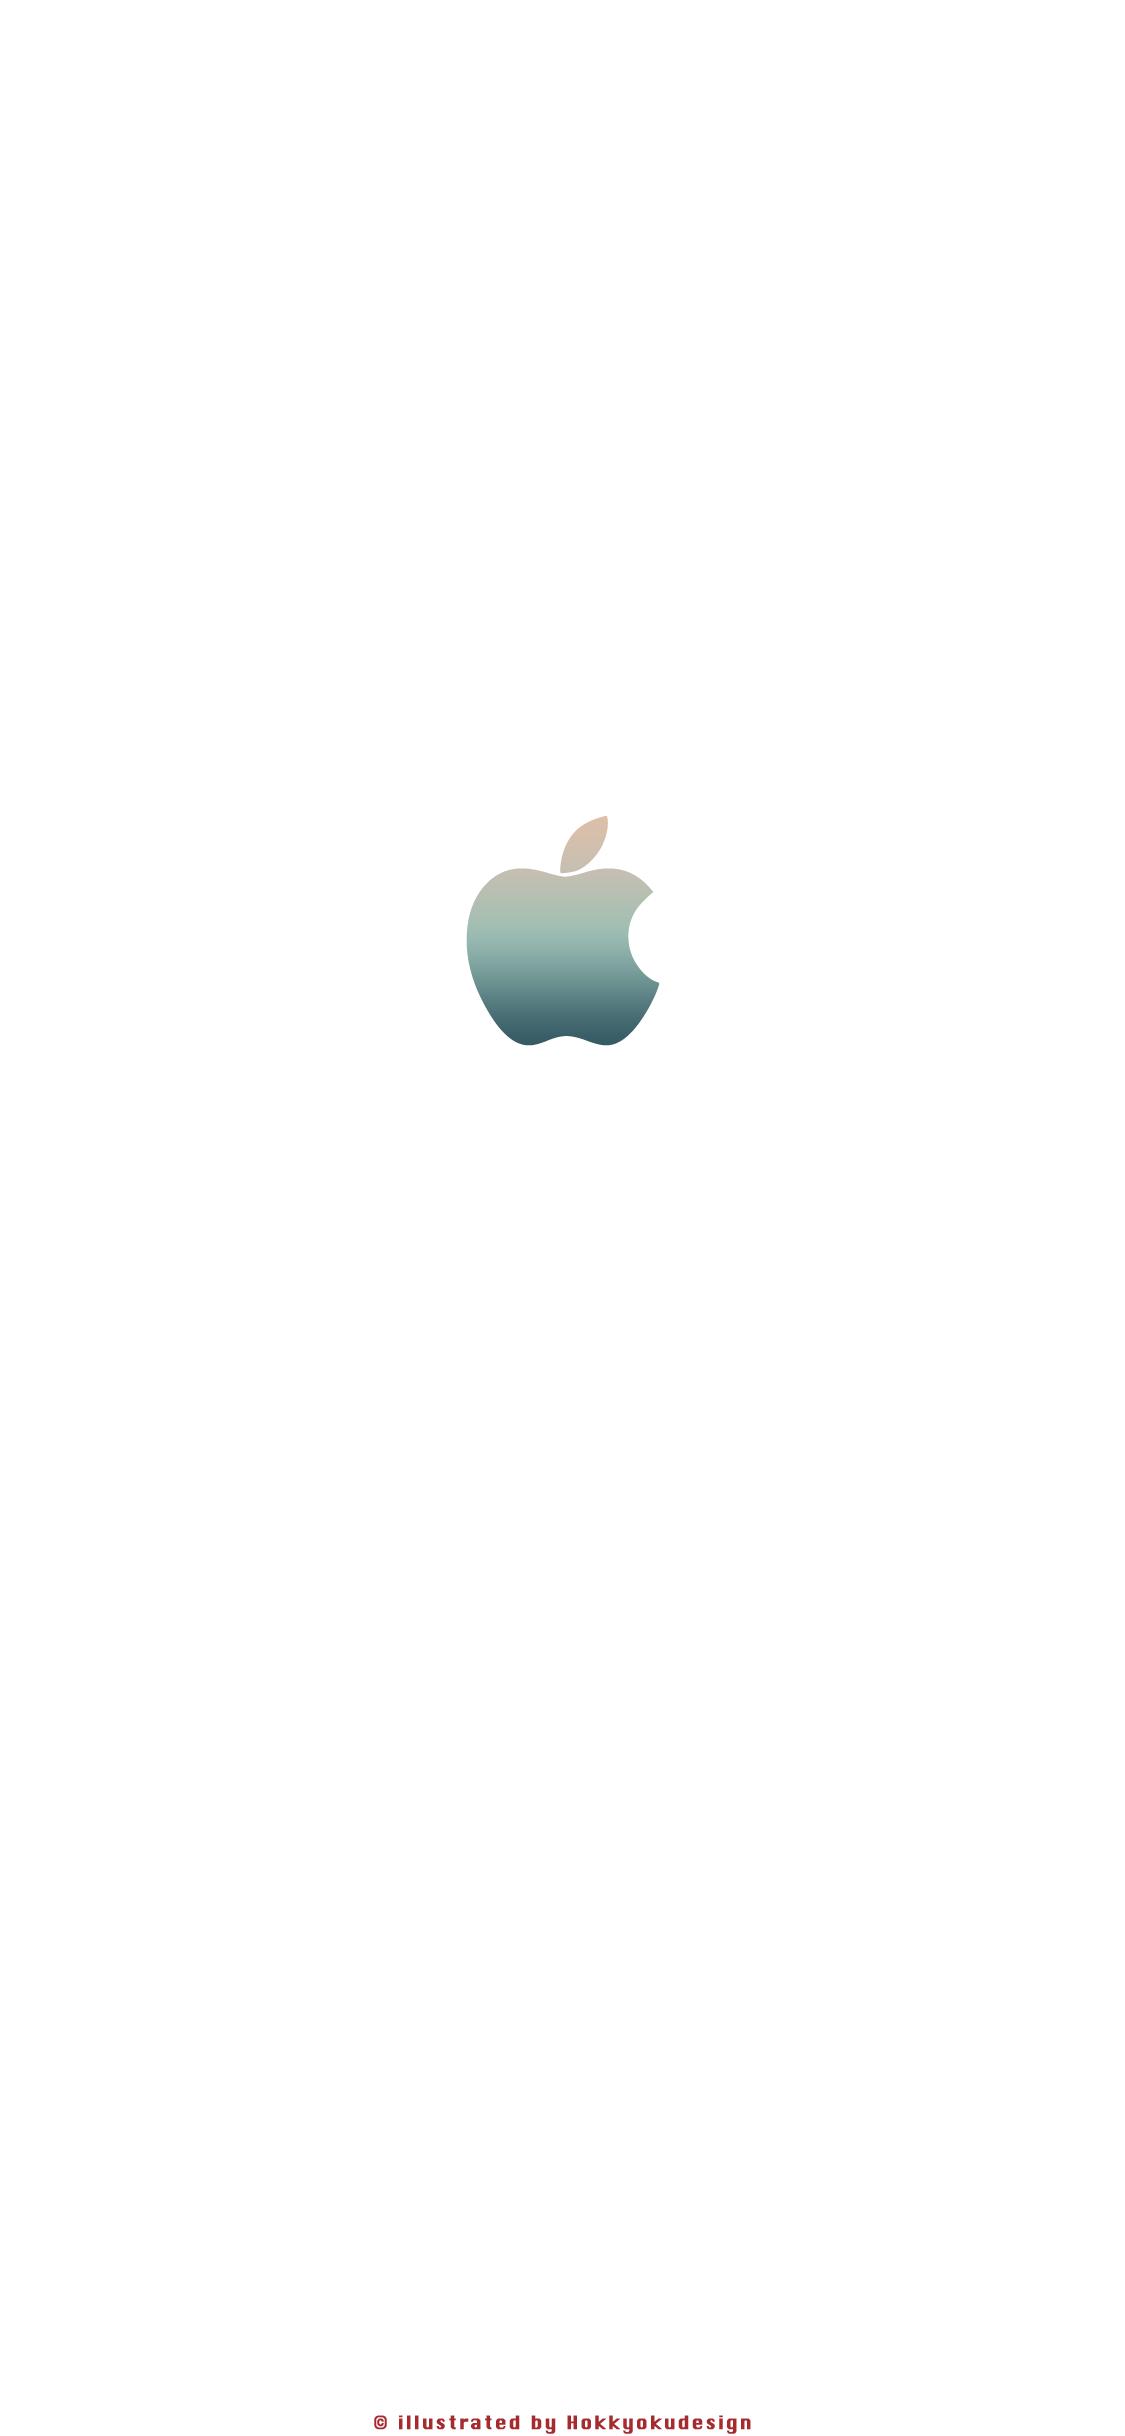 Iphone X 8 8plus壁紙 Ios11 Apple Apple Wallpaper For Iphonex 8 8plus